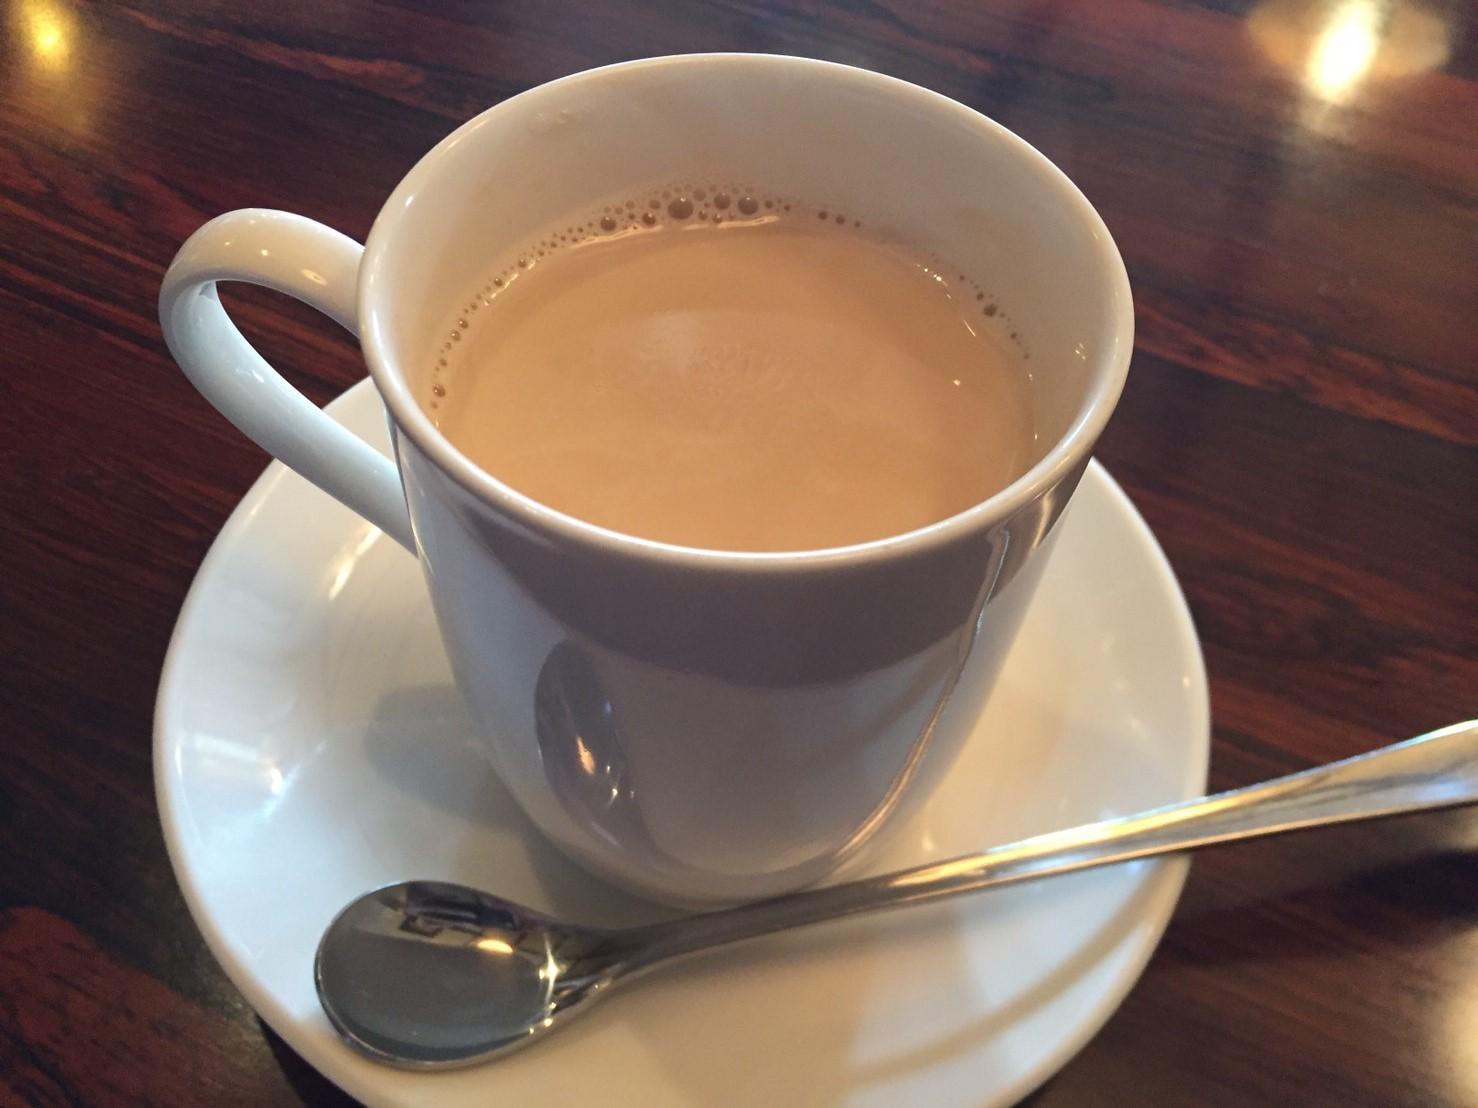 喫茶フォルダー 9_e0115904_19163377.jpg